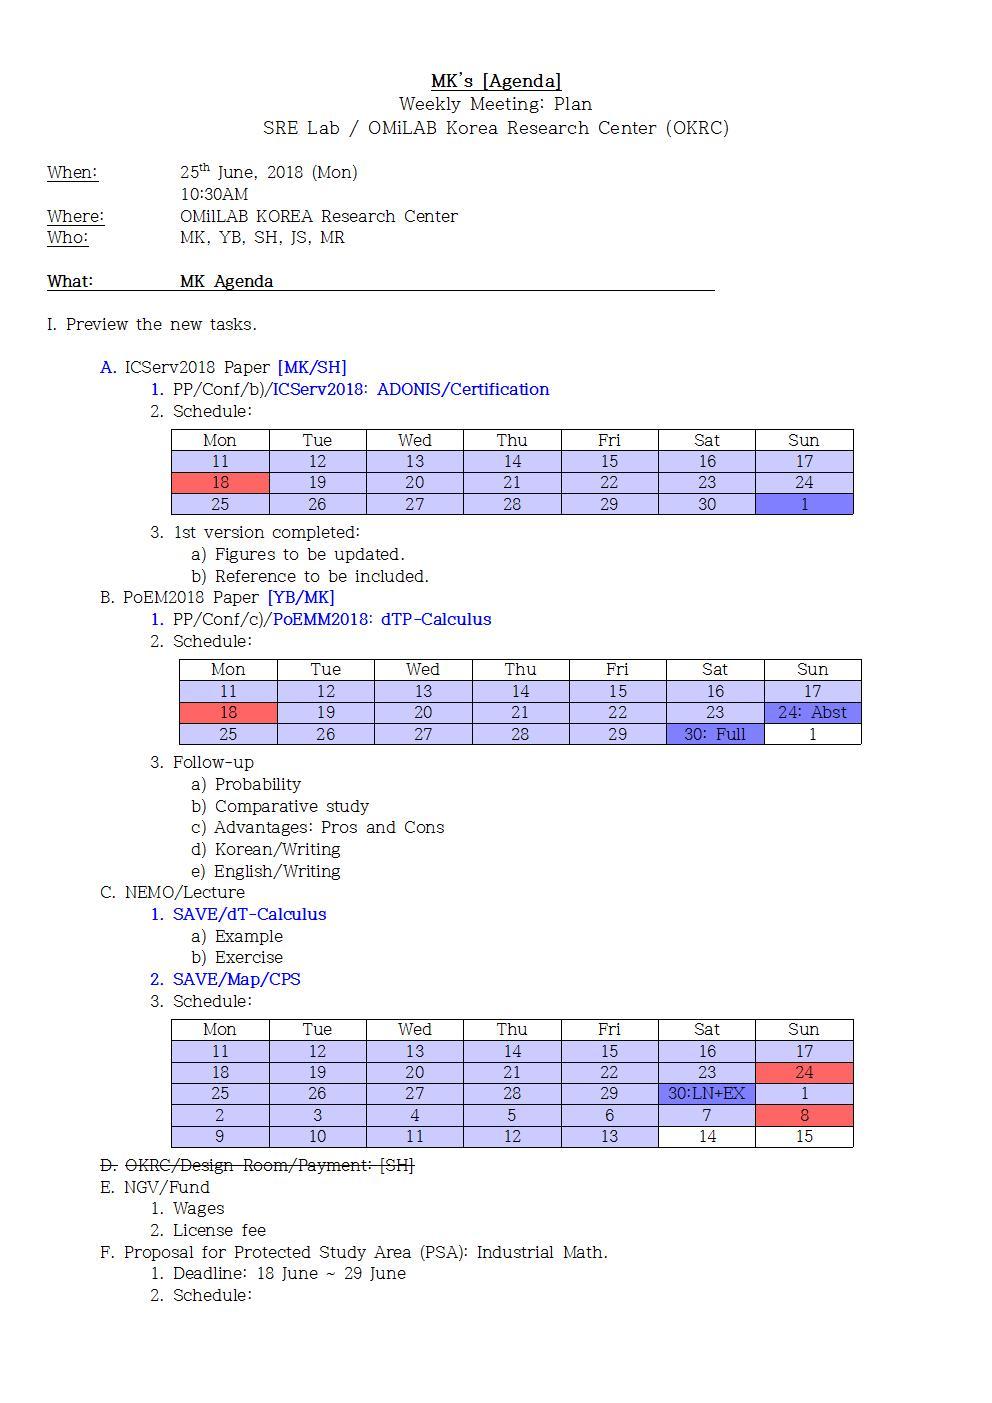 1-Mon-2018-06-25-PLAN-MK-Agenda001.jpg